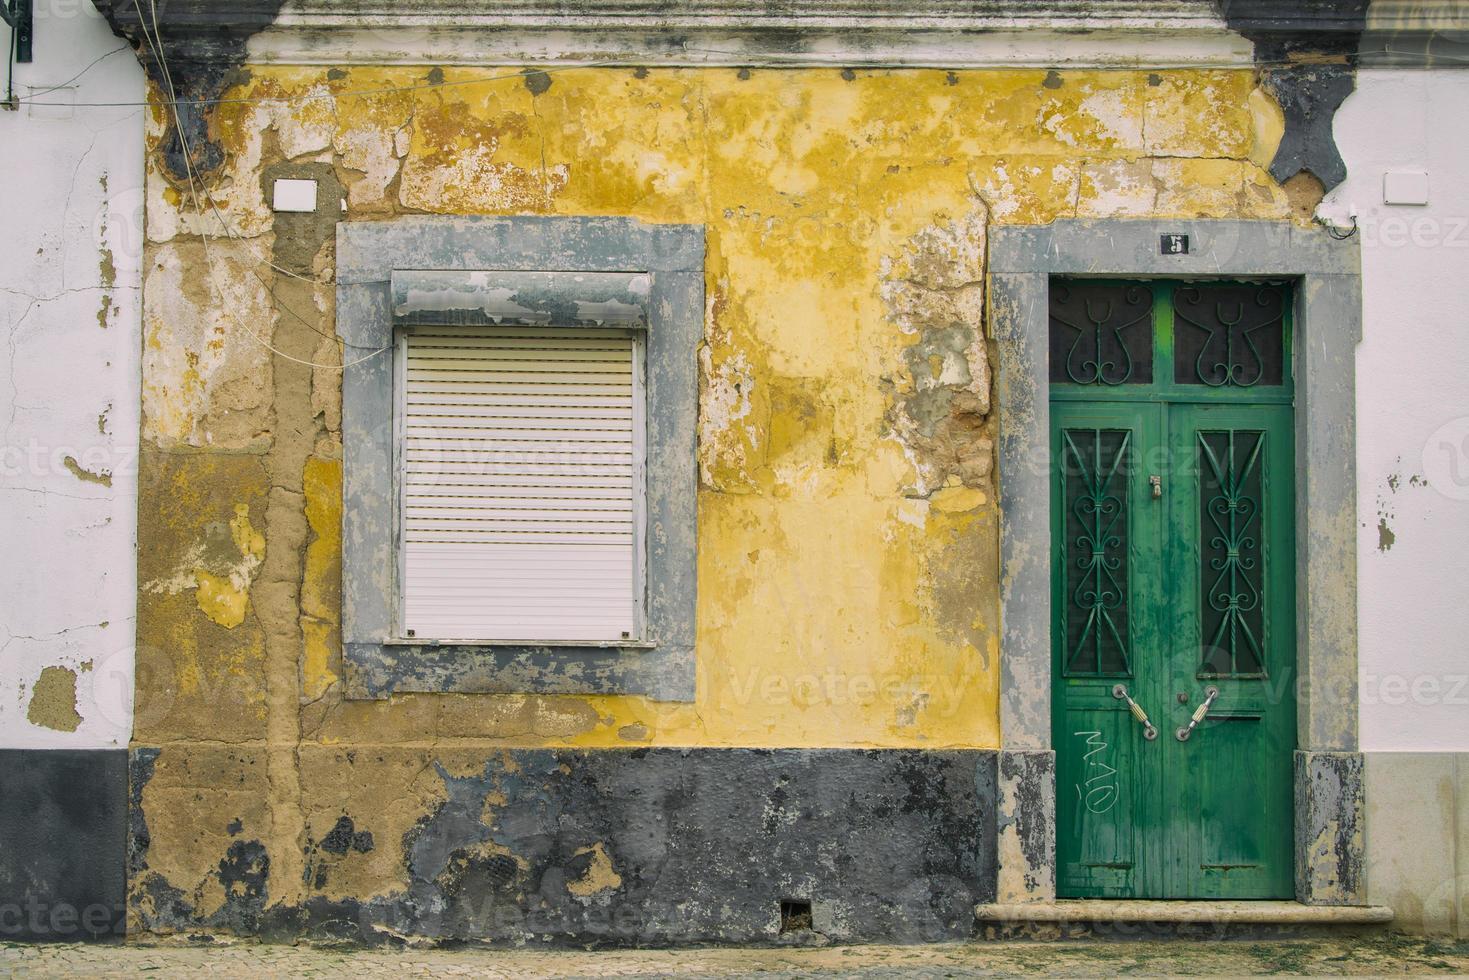 façade photo